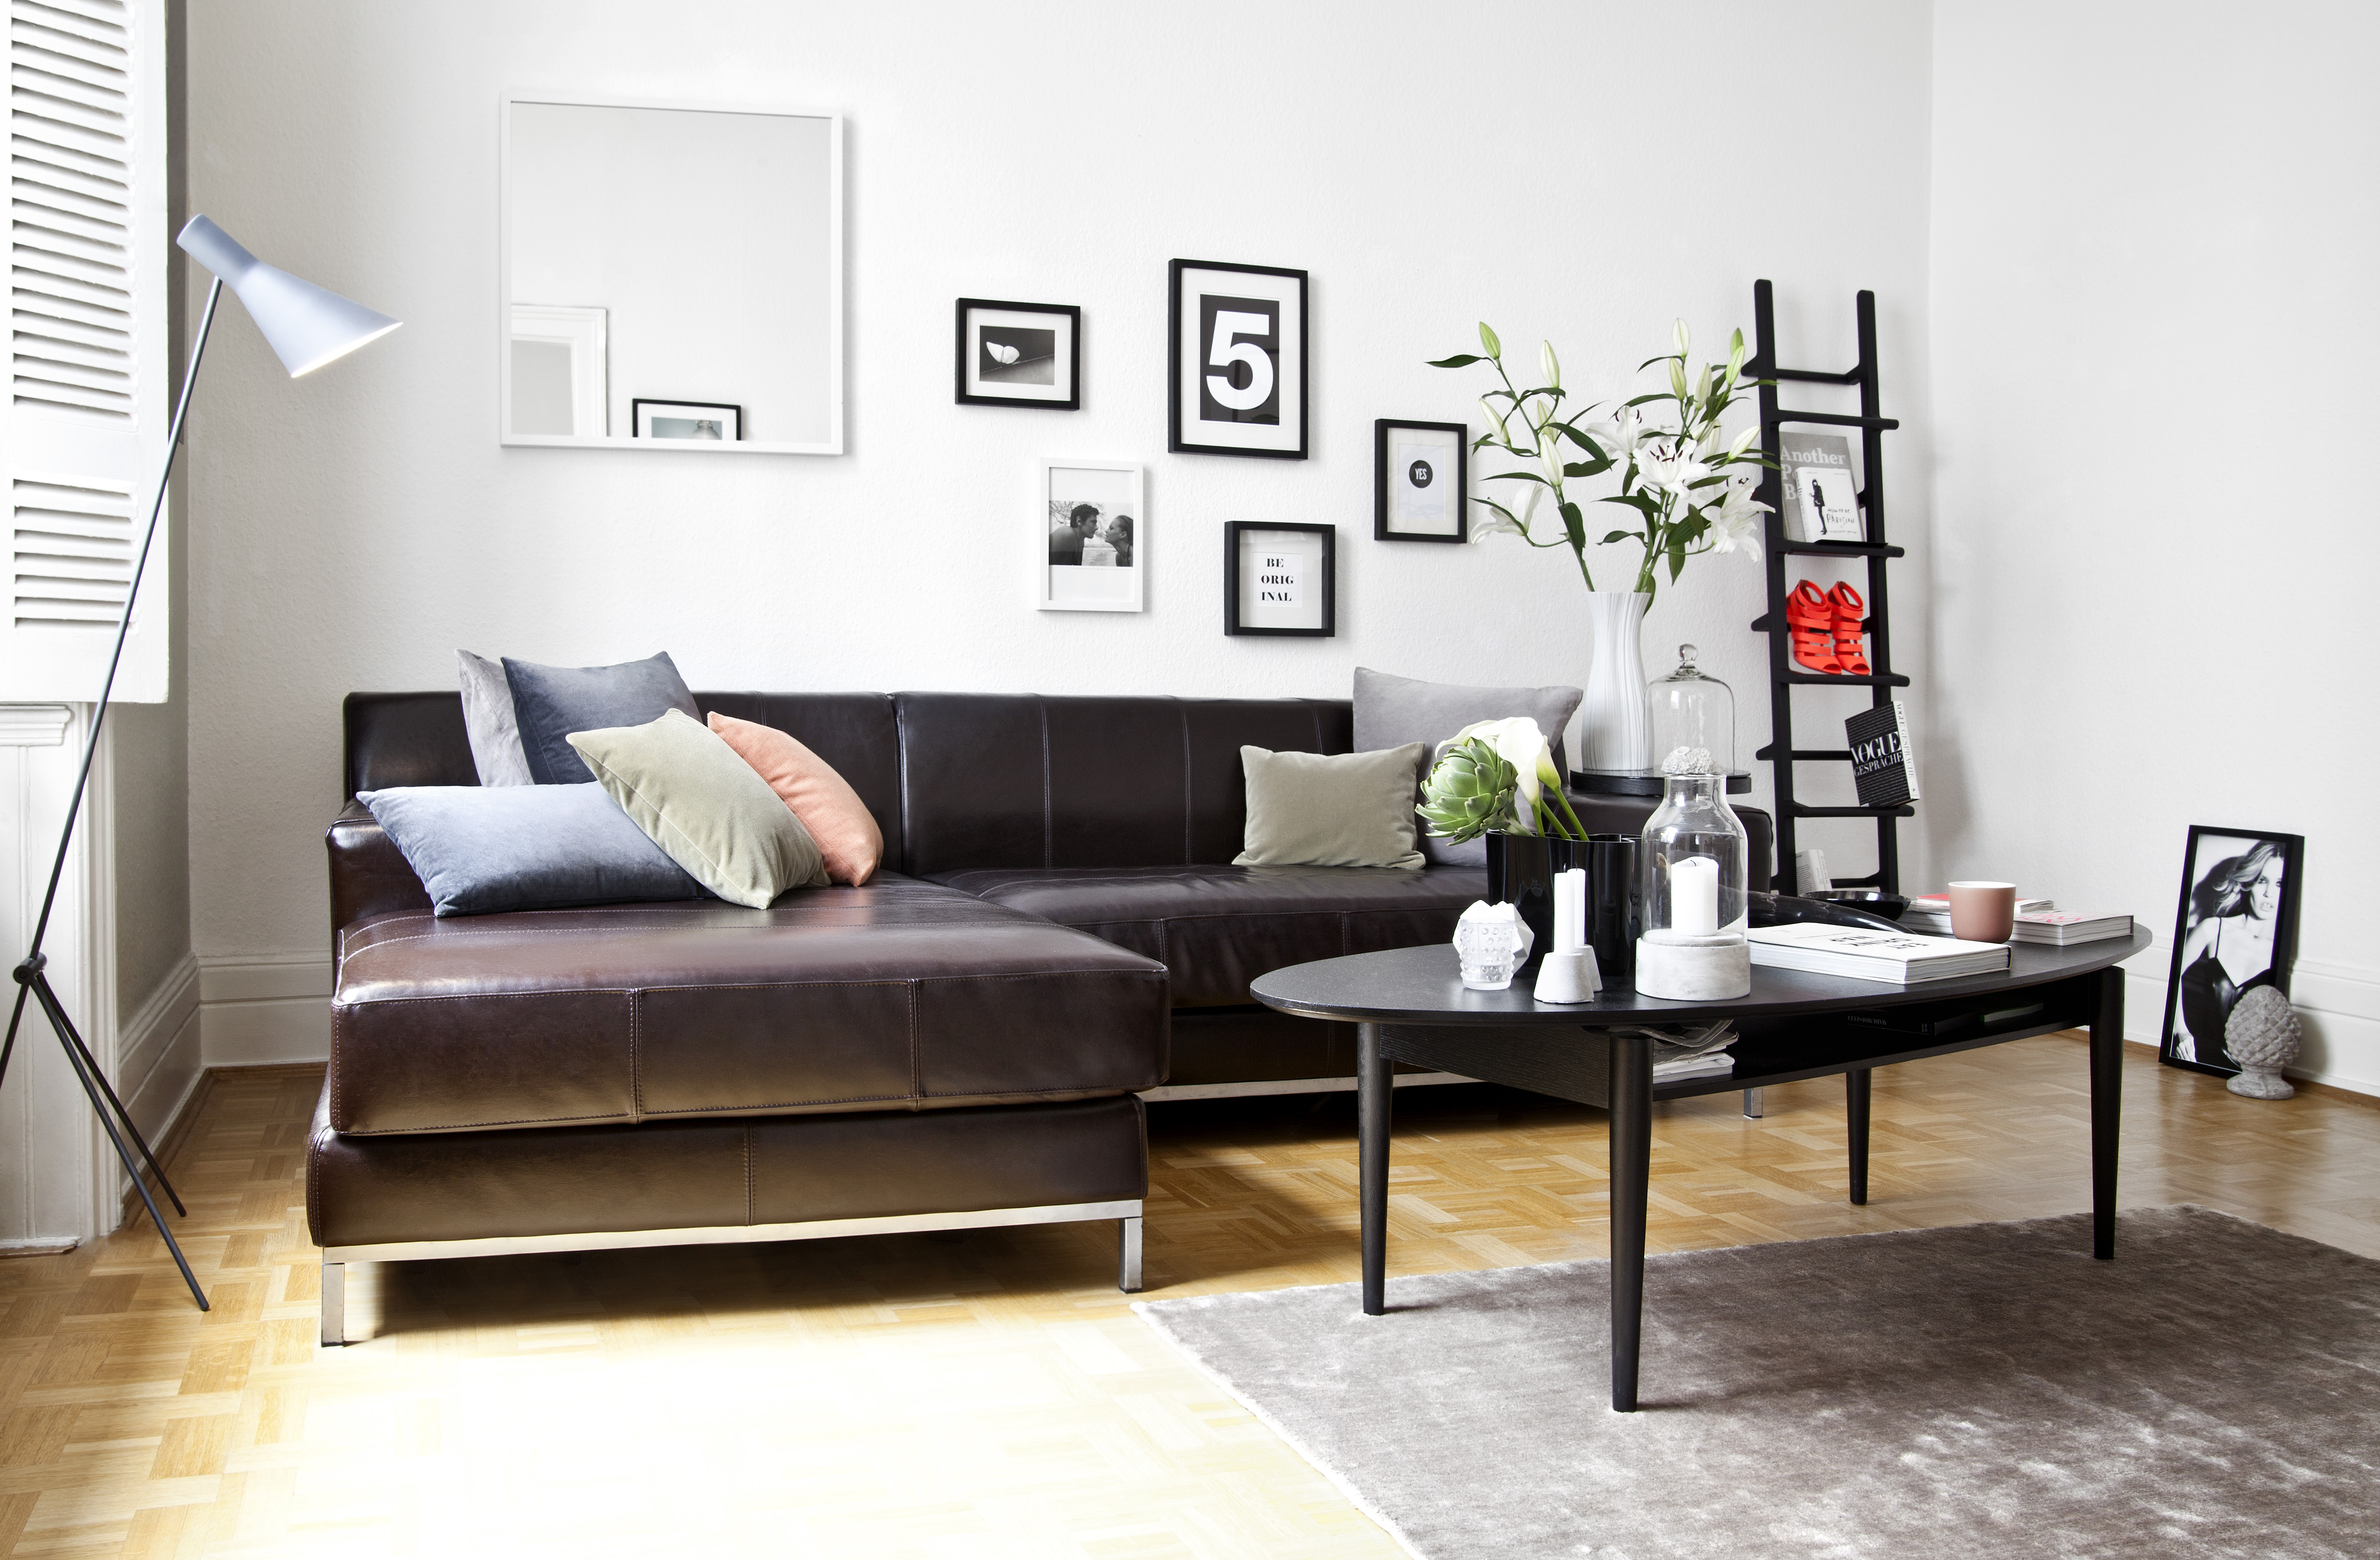 černobílý interiér minimalistický obývací pokoj